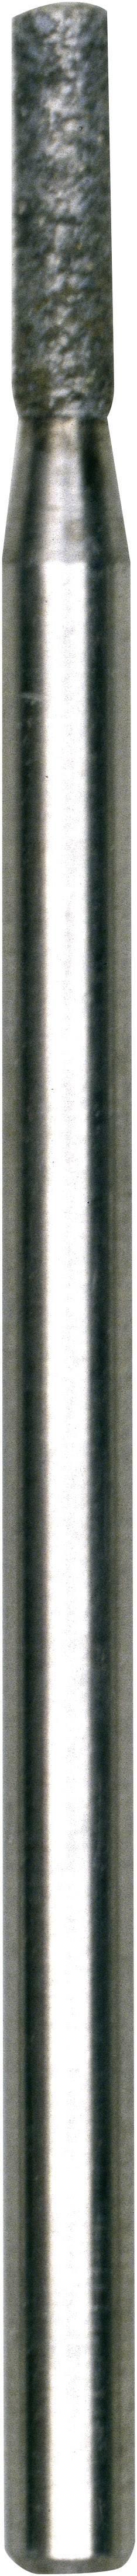 Diamantová brousící telíska Proxxon Micromot, 1,8 mm